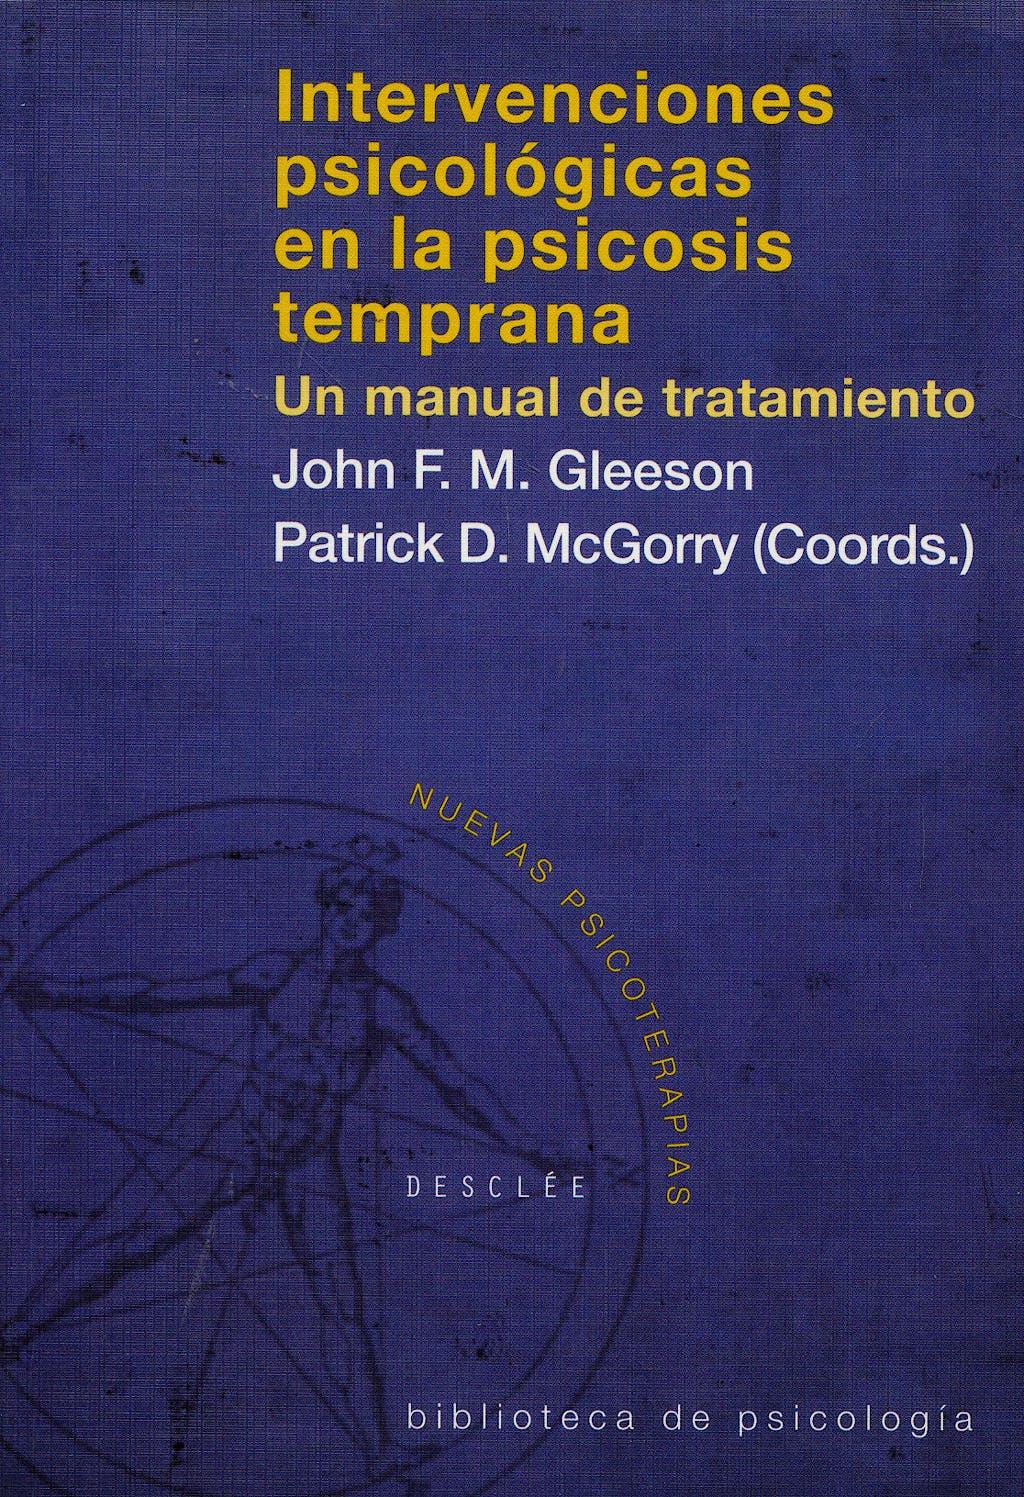 Portada del libro 9788433020253 Intervenciones Psicologicas en Psicosis Tempranas. un Manual de Tratamiento